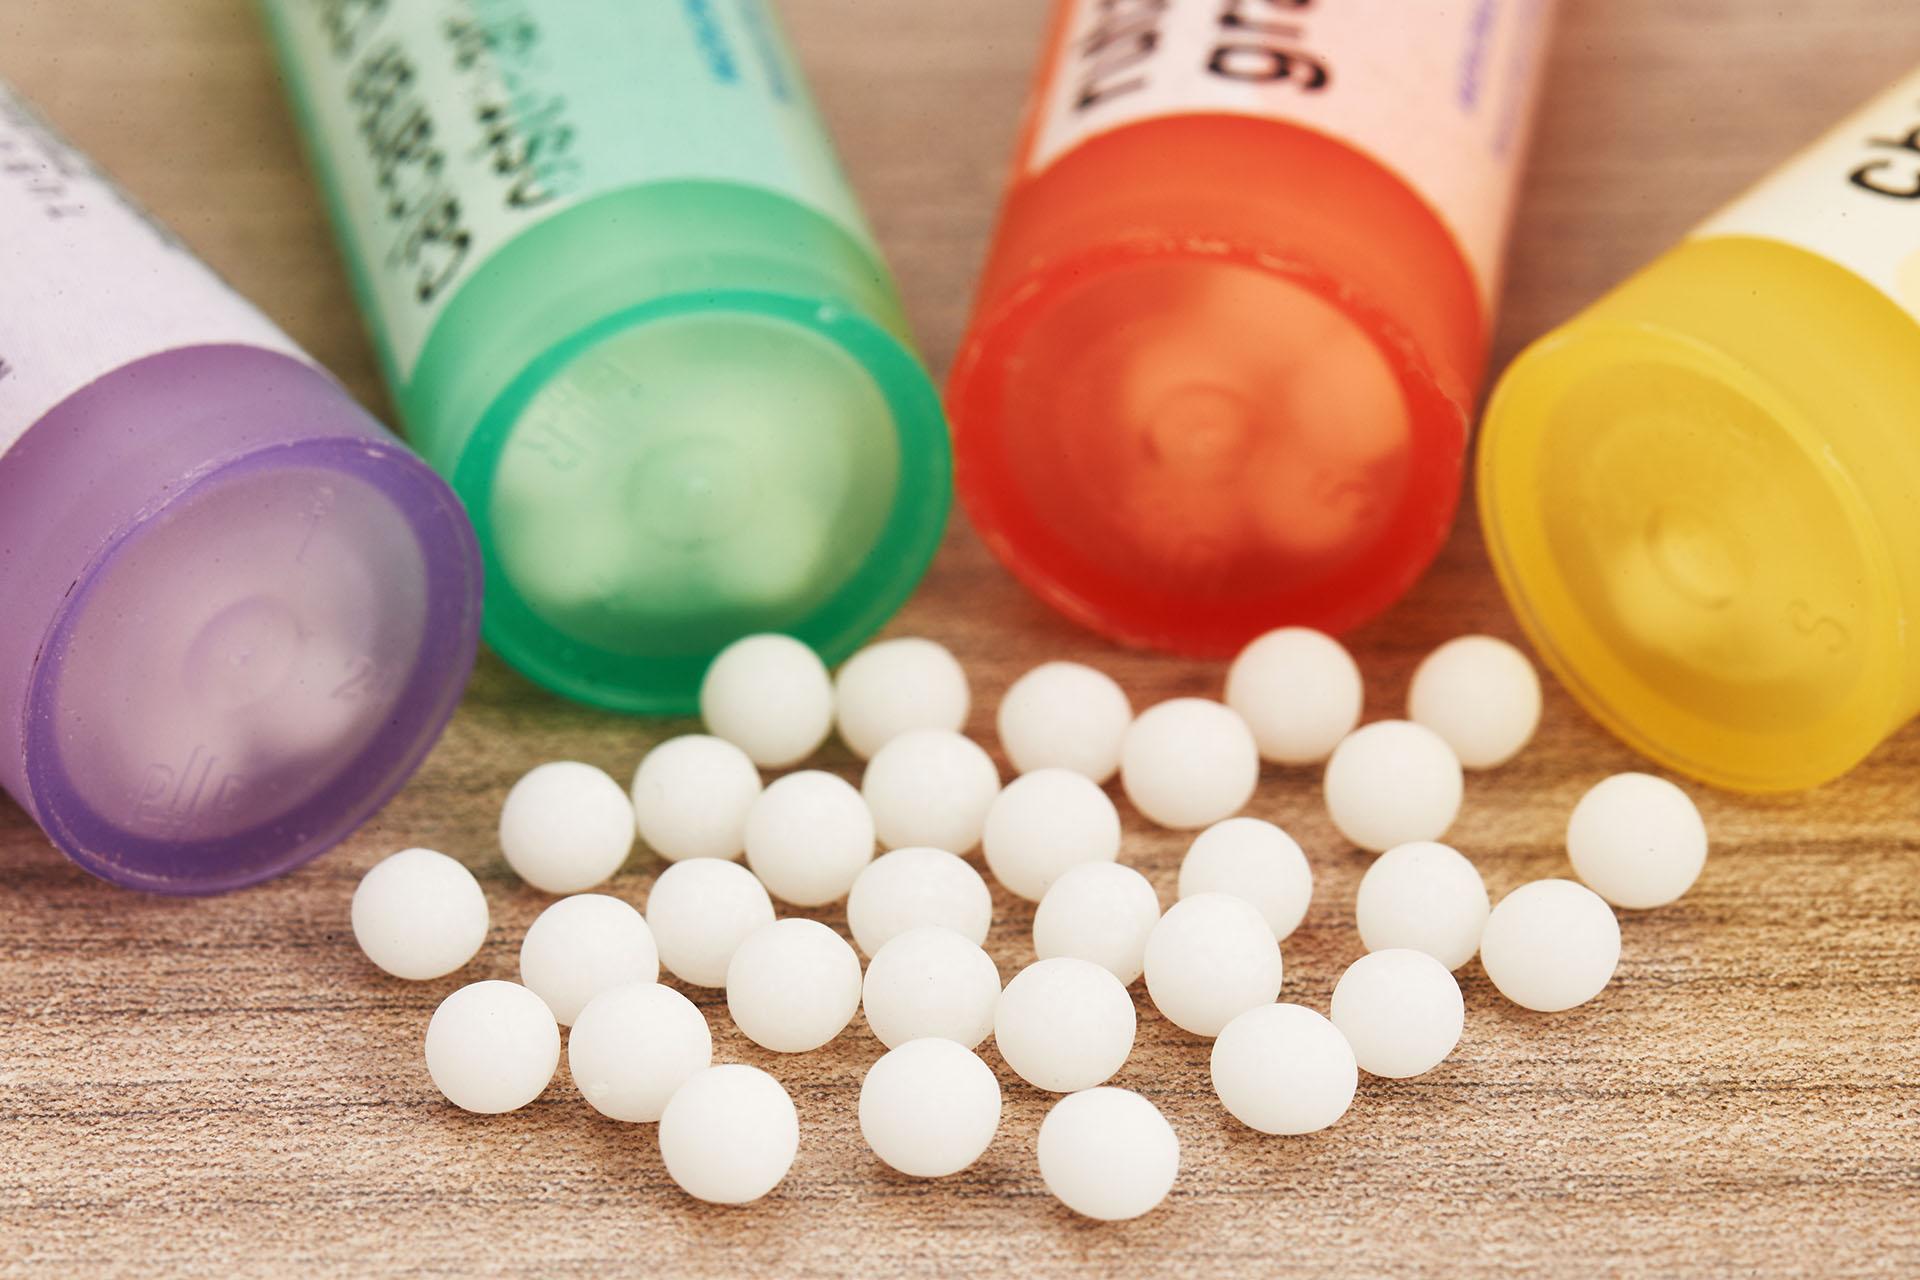 Los glóbulos son una de las presentaciones en las que se venden los remedios de tipo homeopático (Getty Images)